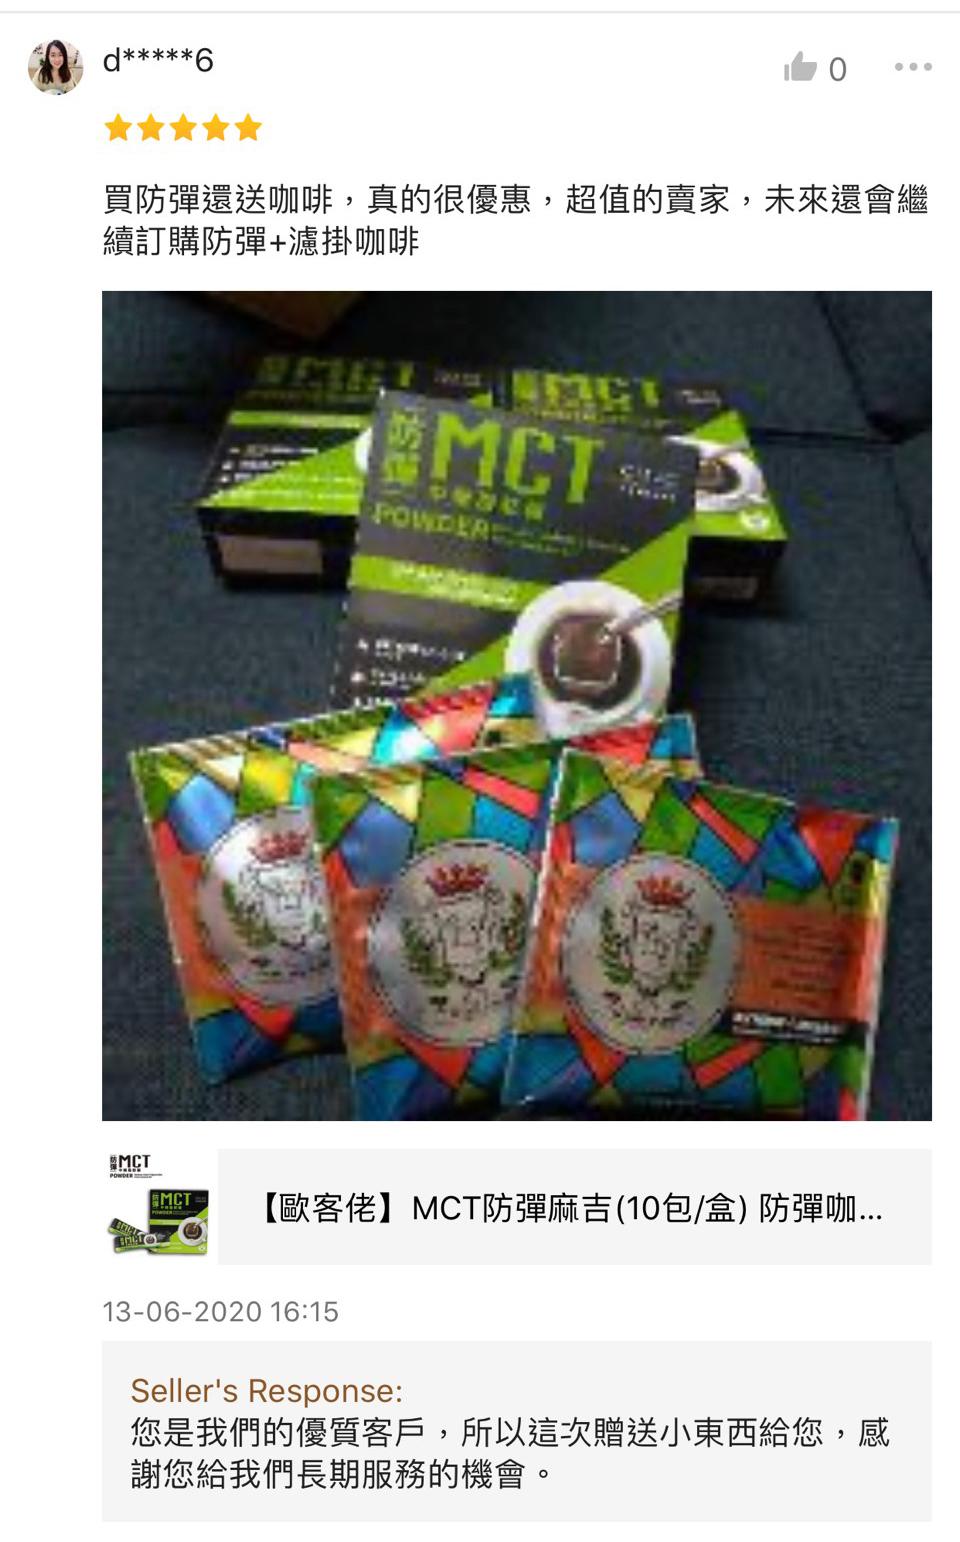 【歐客佬】MCT防彈麻吉(10包/盒) 防彈咖啡(42010542) 買防彈還送咖啡,真的很優惠,超值的賣家,未來還會繼續訂購防彈+濾掛咖啡